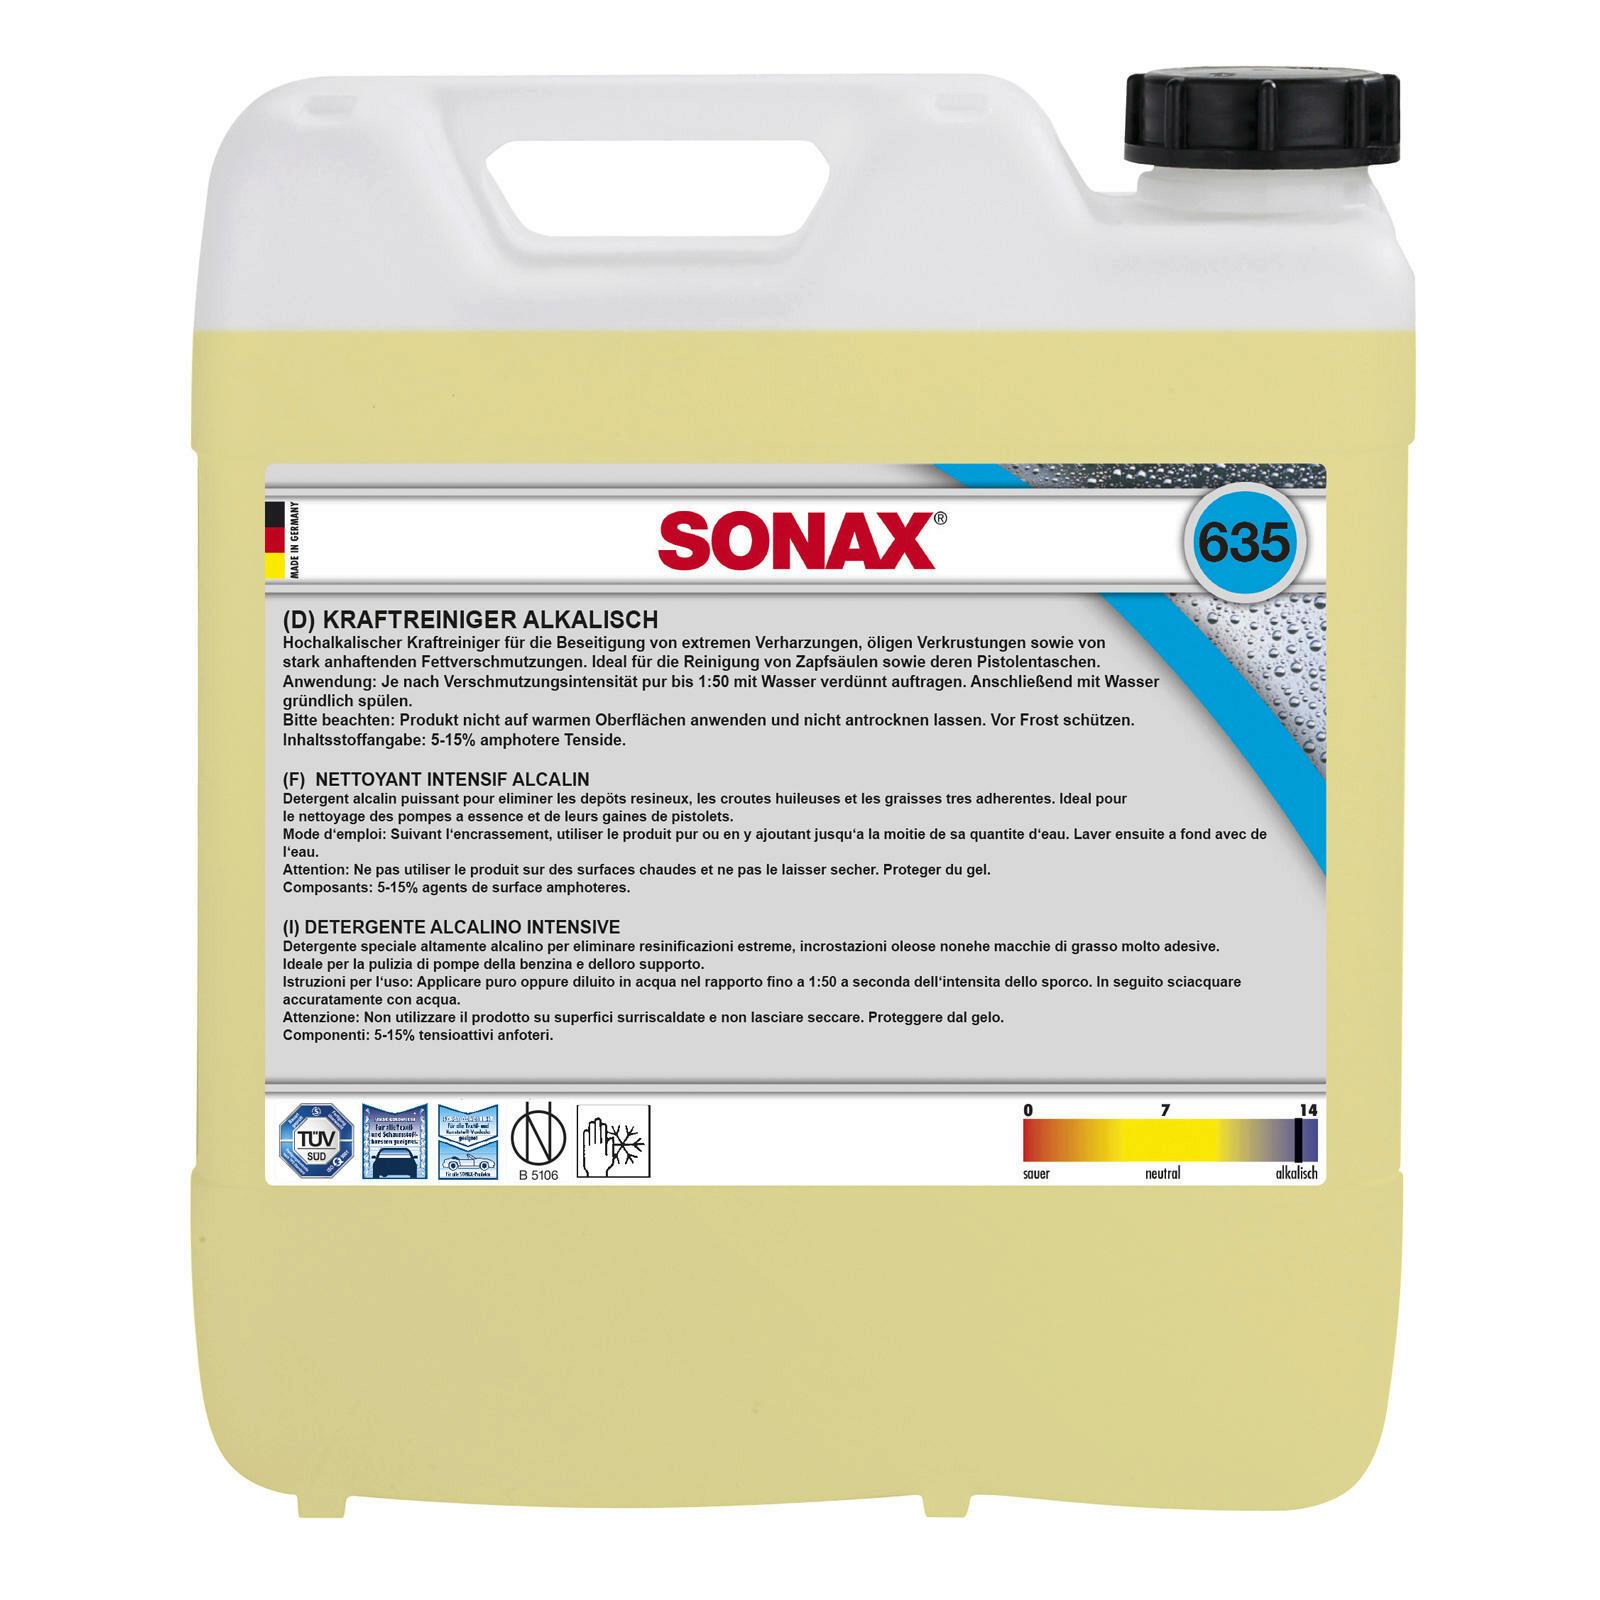 SONAX KraftReiniger alkalisch 10l